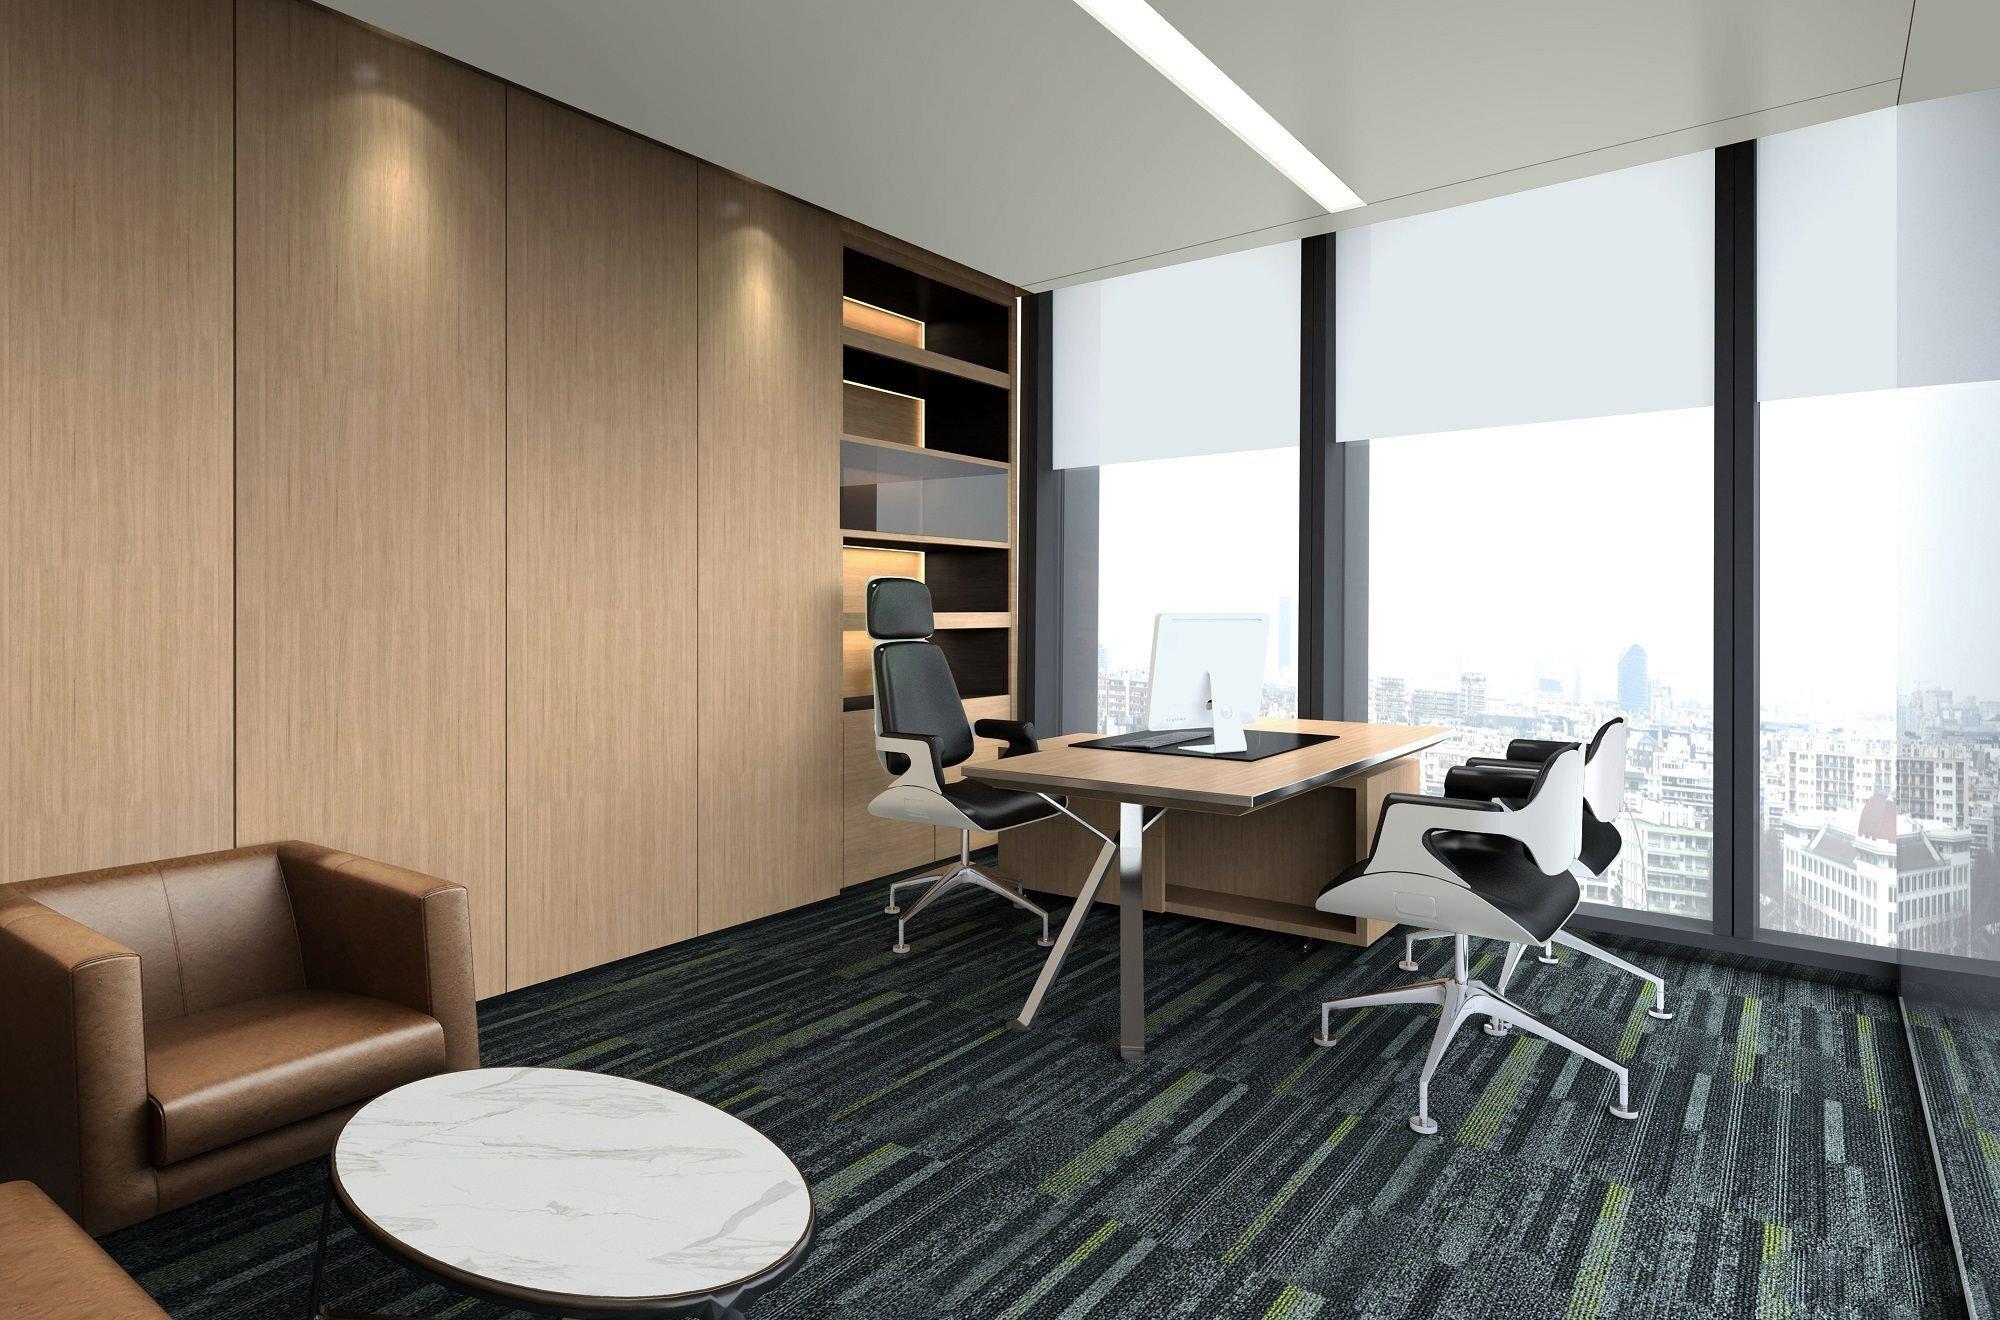 如何估算办公室装修顶棚轻钢龙骨